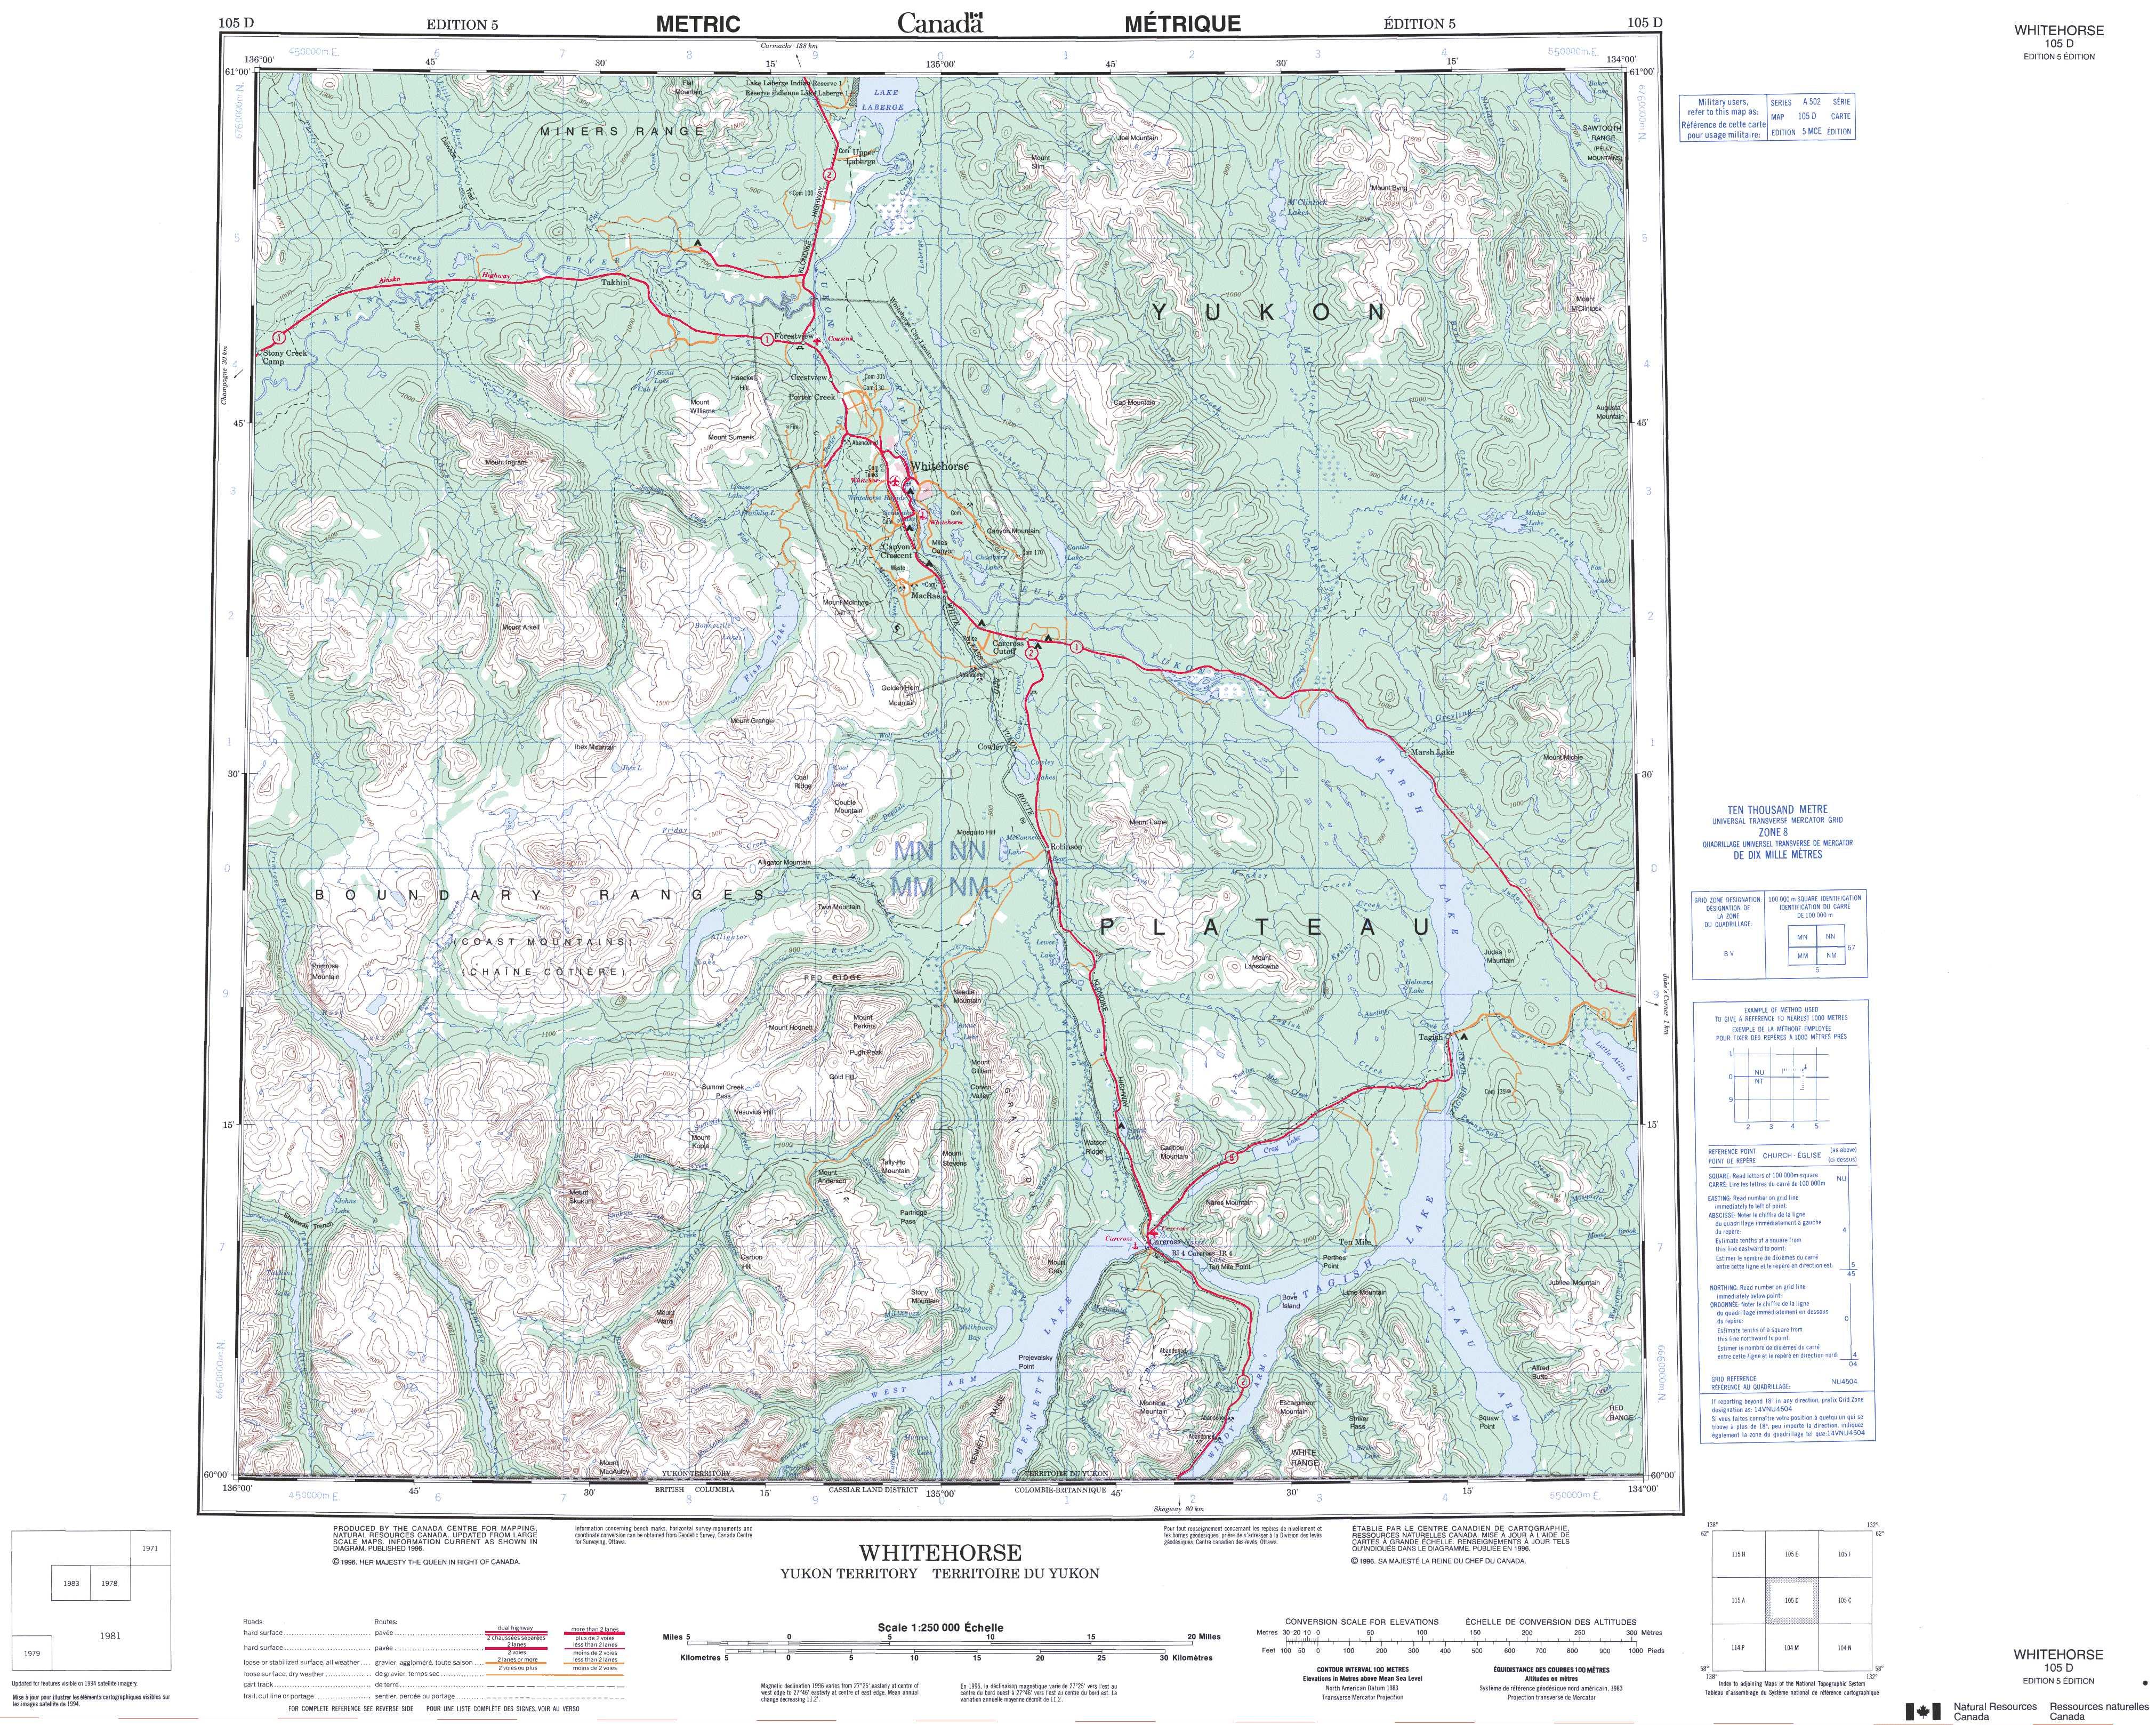 Printable Topographic Map Of Whitehorse 105D, Yk - Free Printable Topo Maps